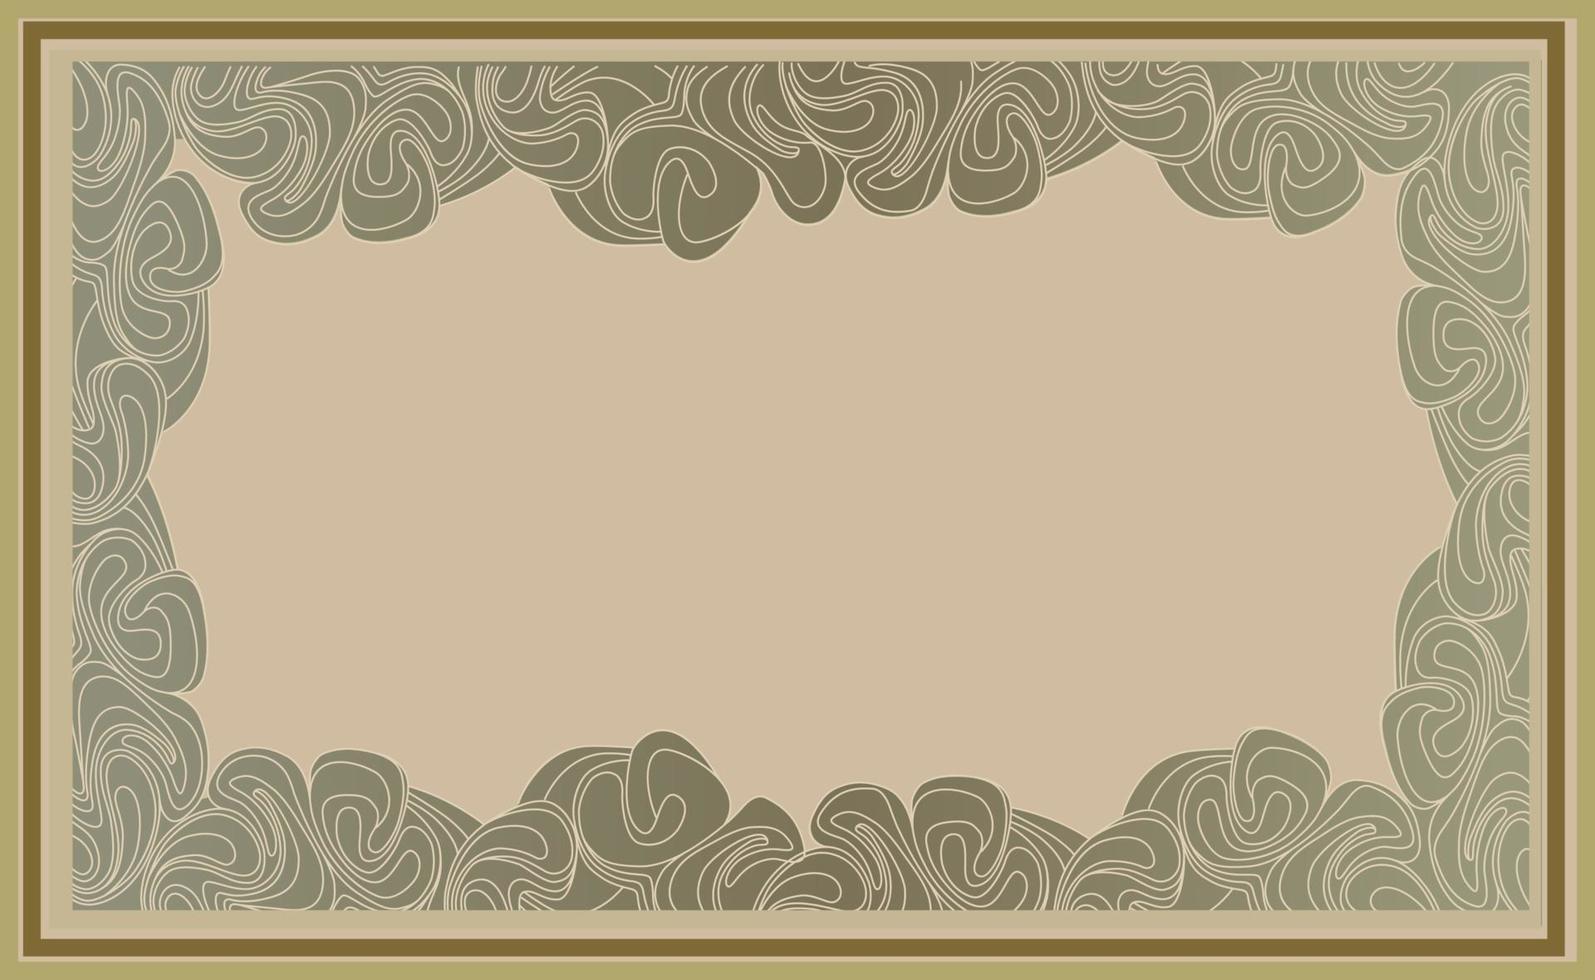 fondo retro con espacio de copia para el marco. decoración de líneas de remolino en estilo art deco. papel tapiz de elemento de decoración con motivos florales. vector